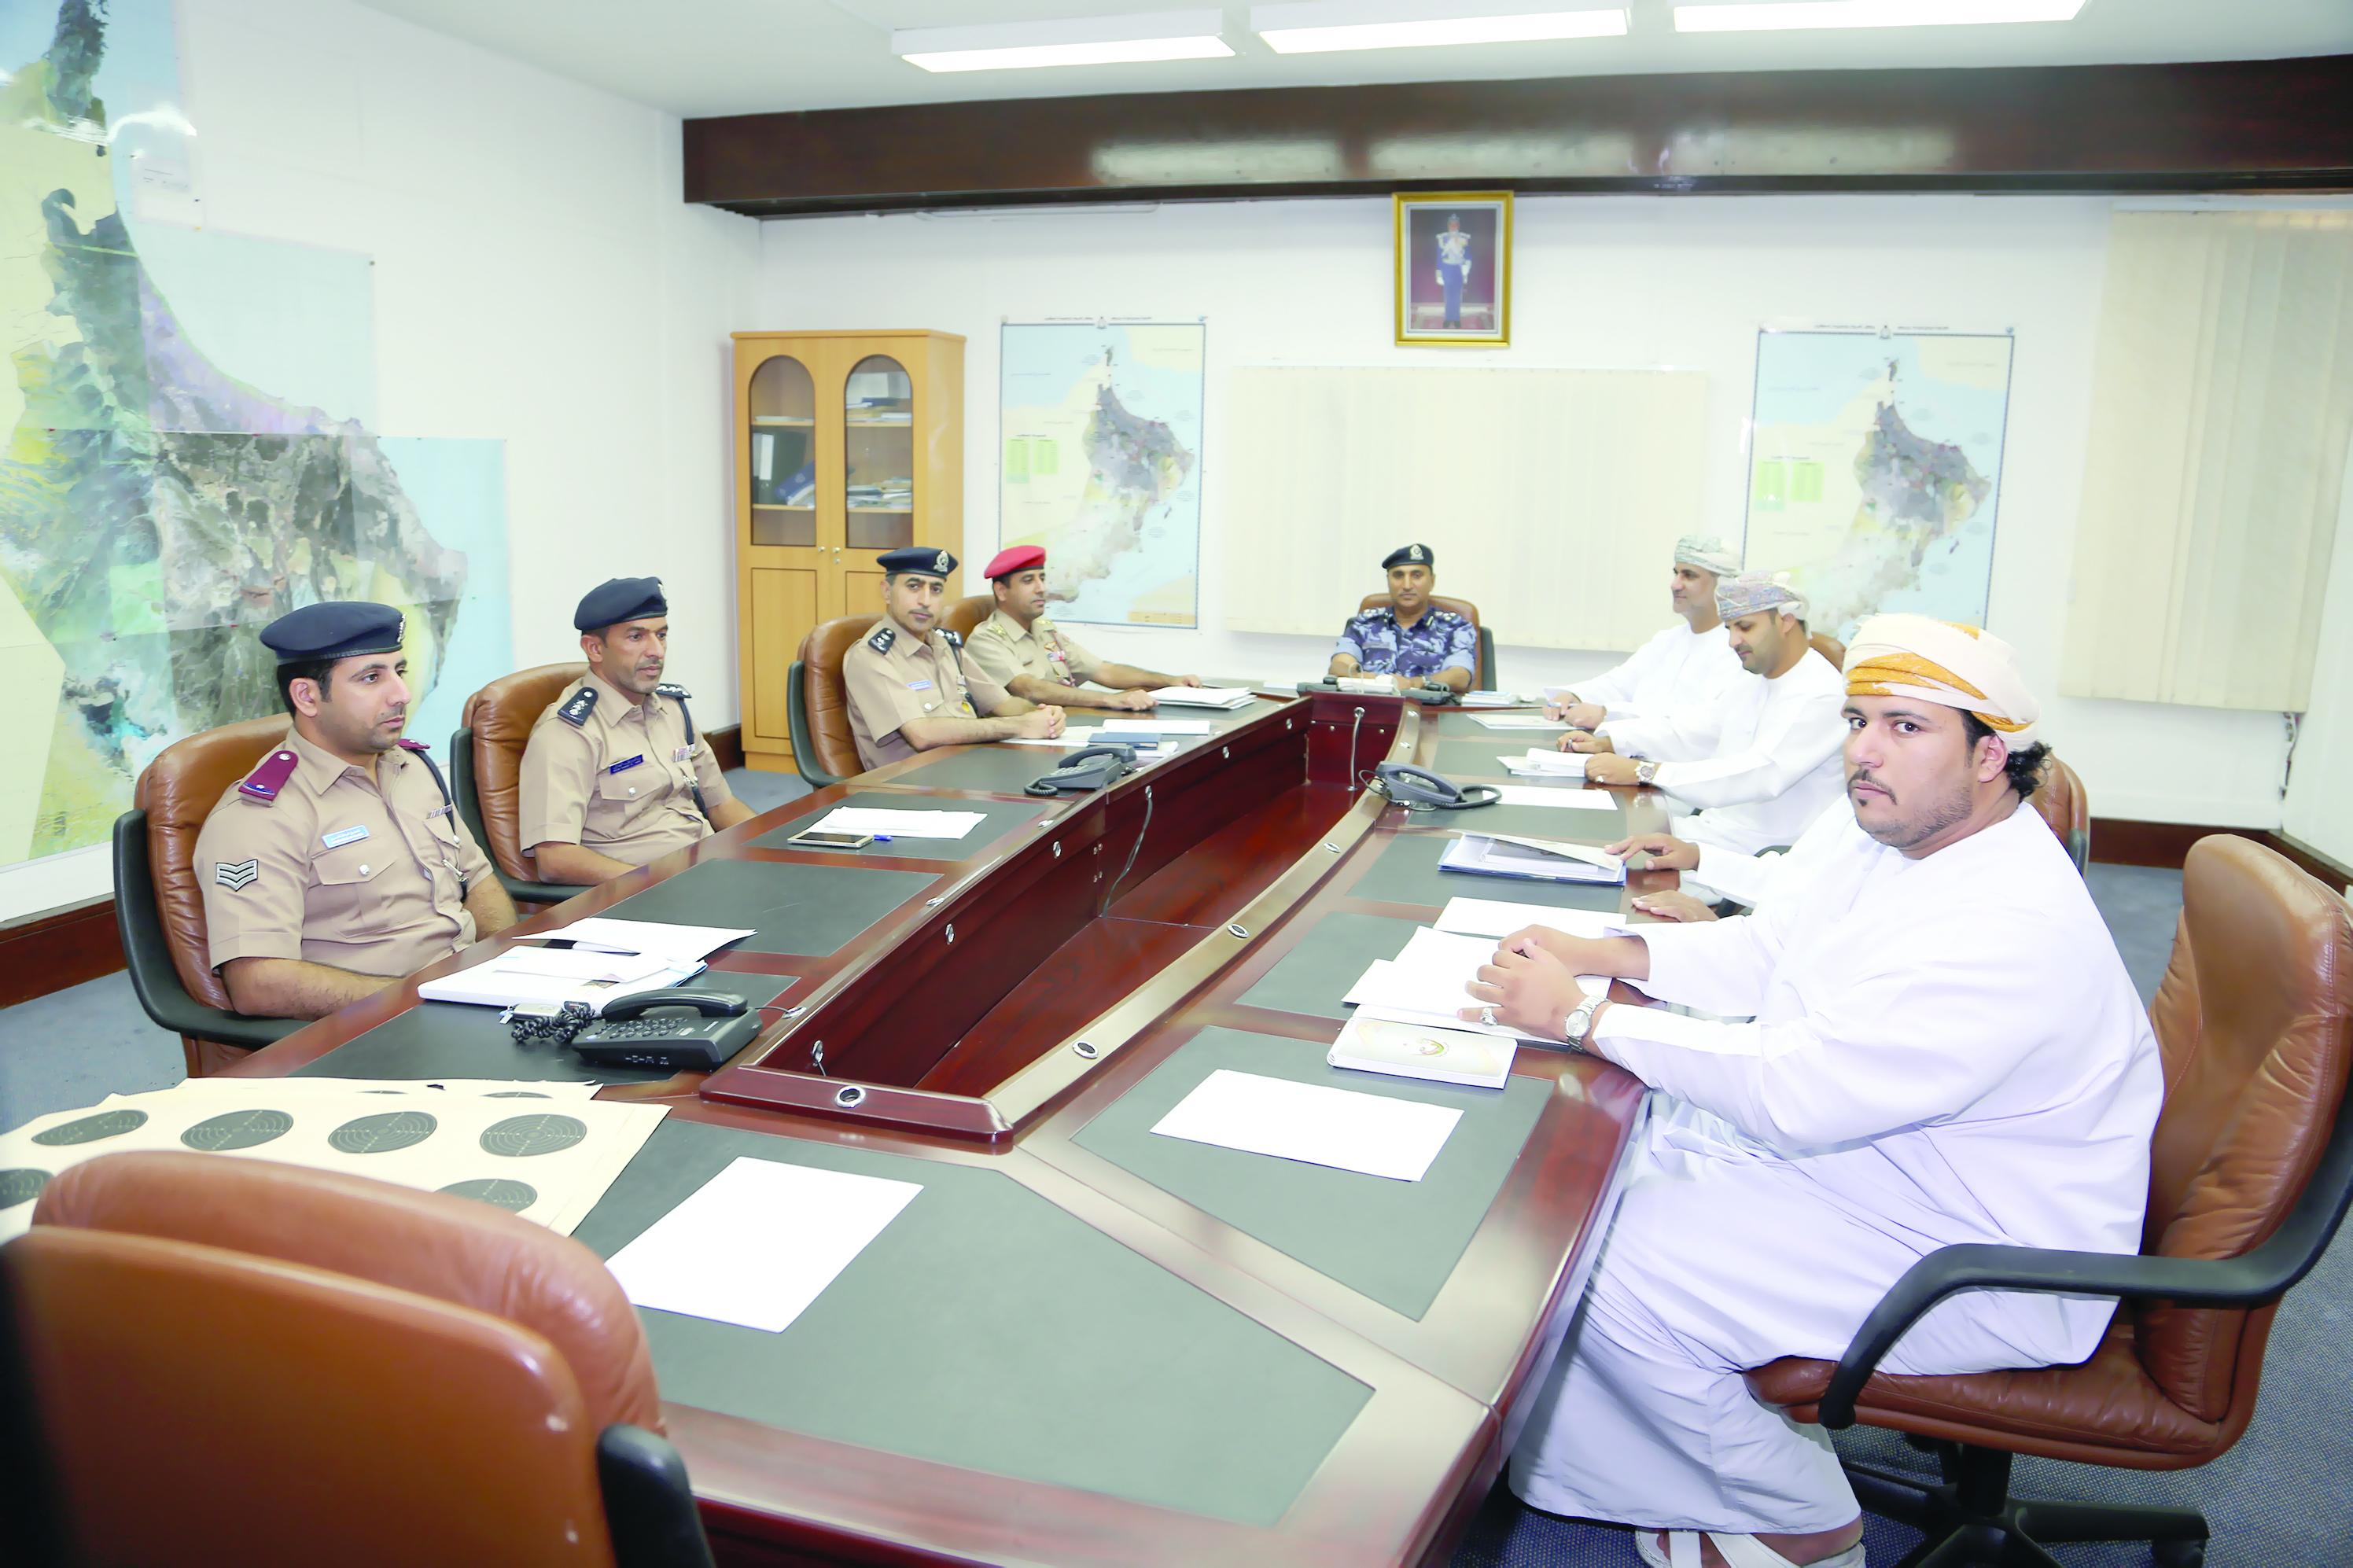 اللجنة العمانية للرماية بالأسلحة التقليدية تعقد أجتماعها الأول بحلتها الجديدة